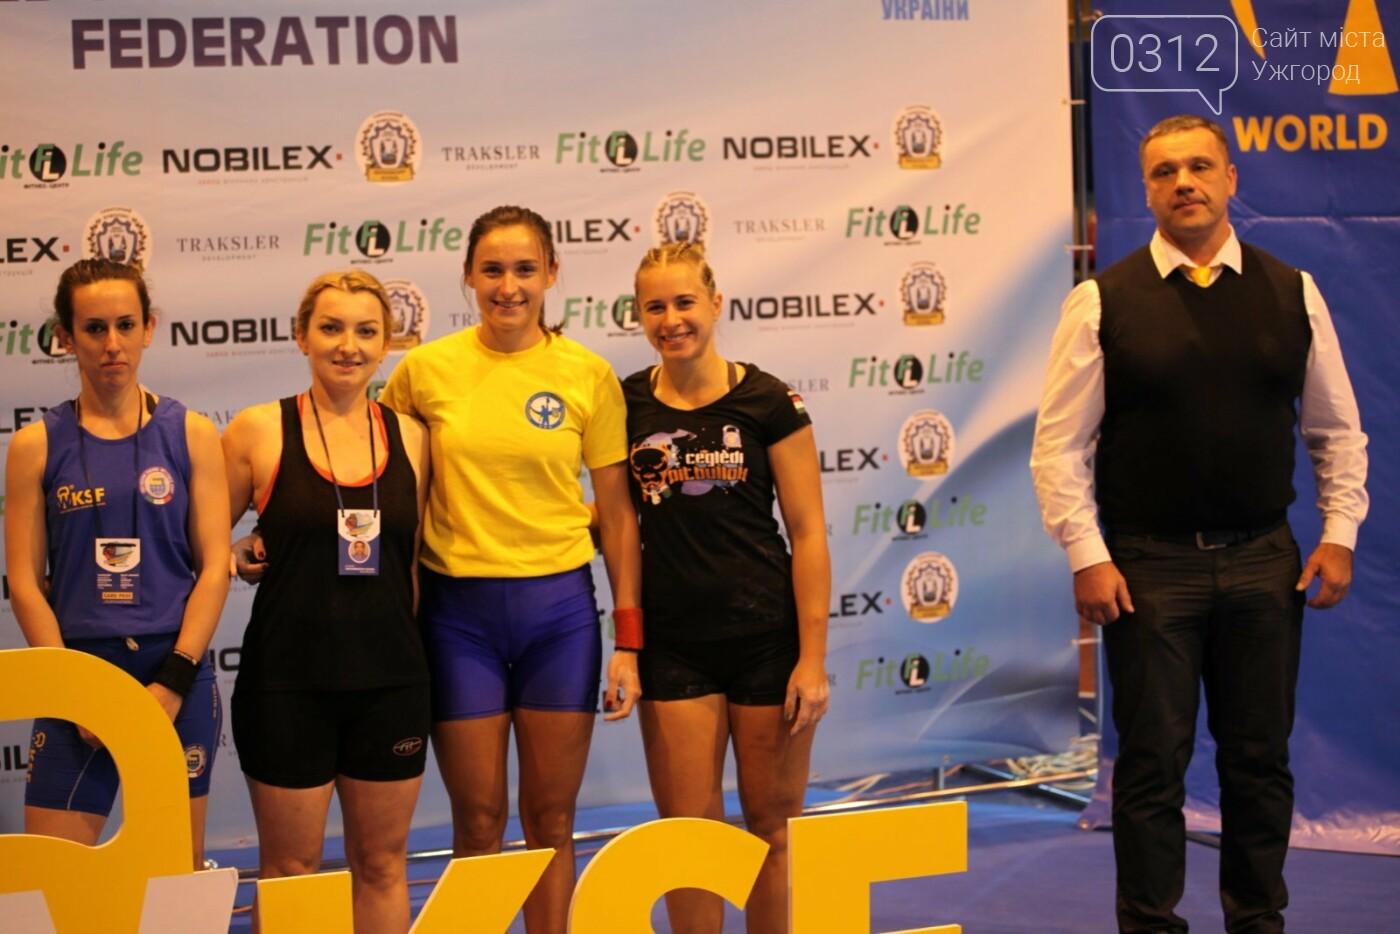 Троє закарпатців вибороли золото на Чемпіонаті Європи з гирьового спорту (ФОТО), фото-9